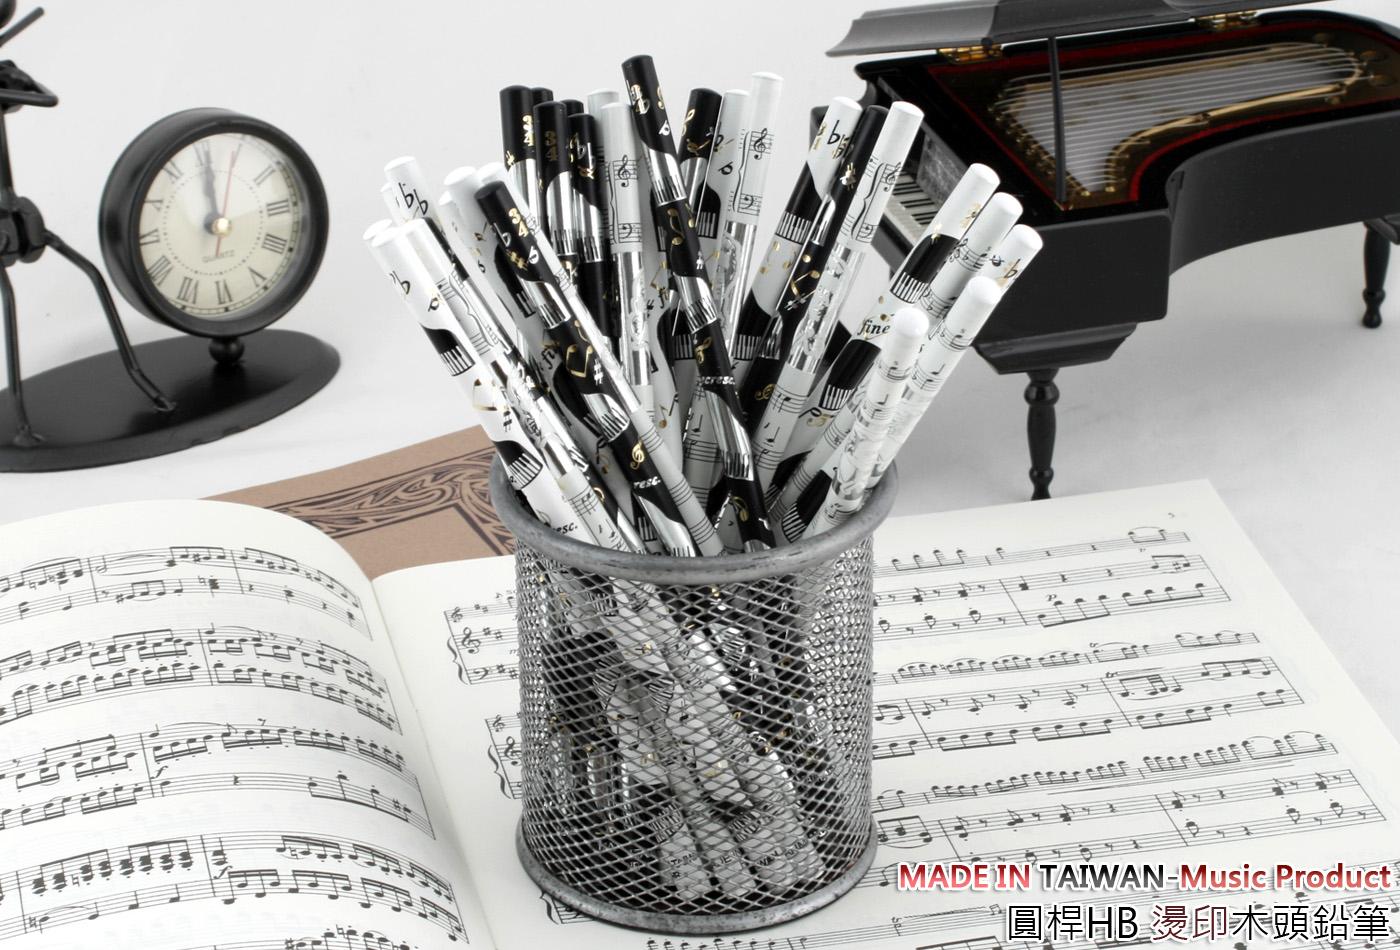 【小叮噹的店】台製 圓桿途頭燙印木頭鉛筆/音樂鉛筆.GP-017A/GP-017W/GP-017B  鉛筆